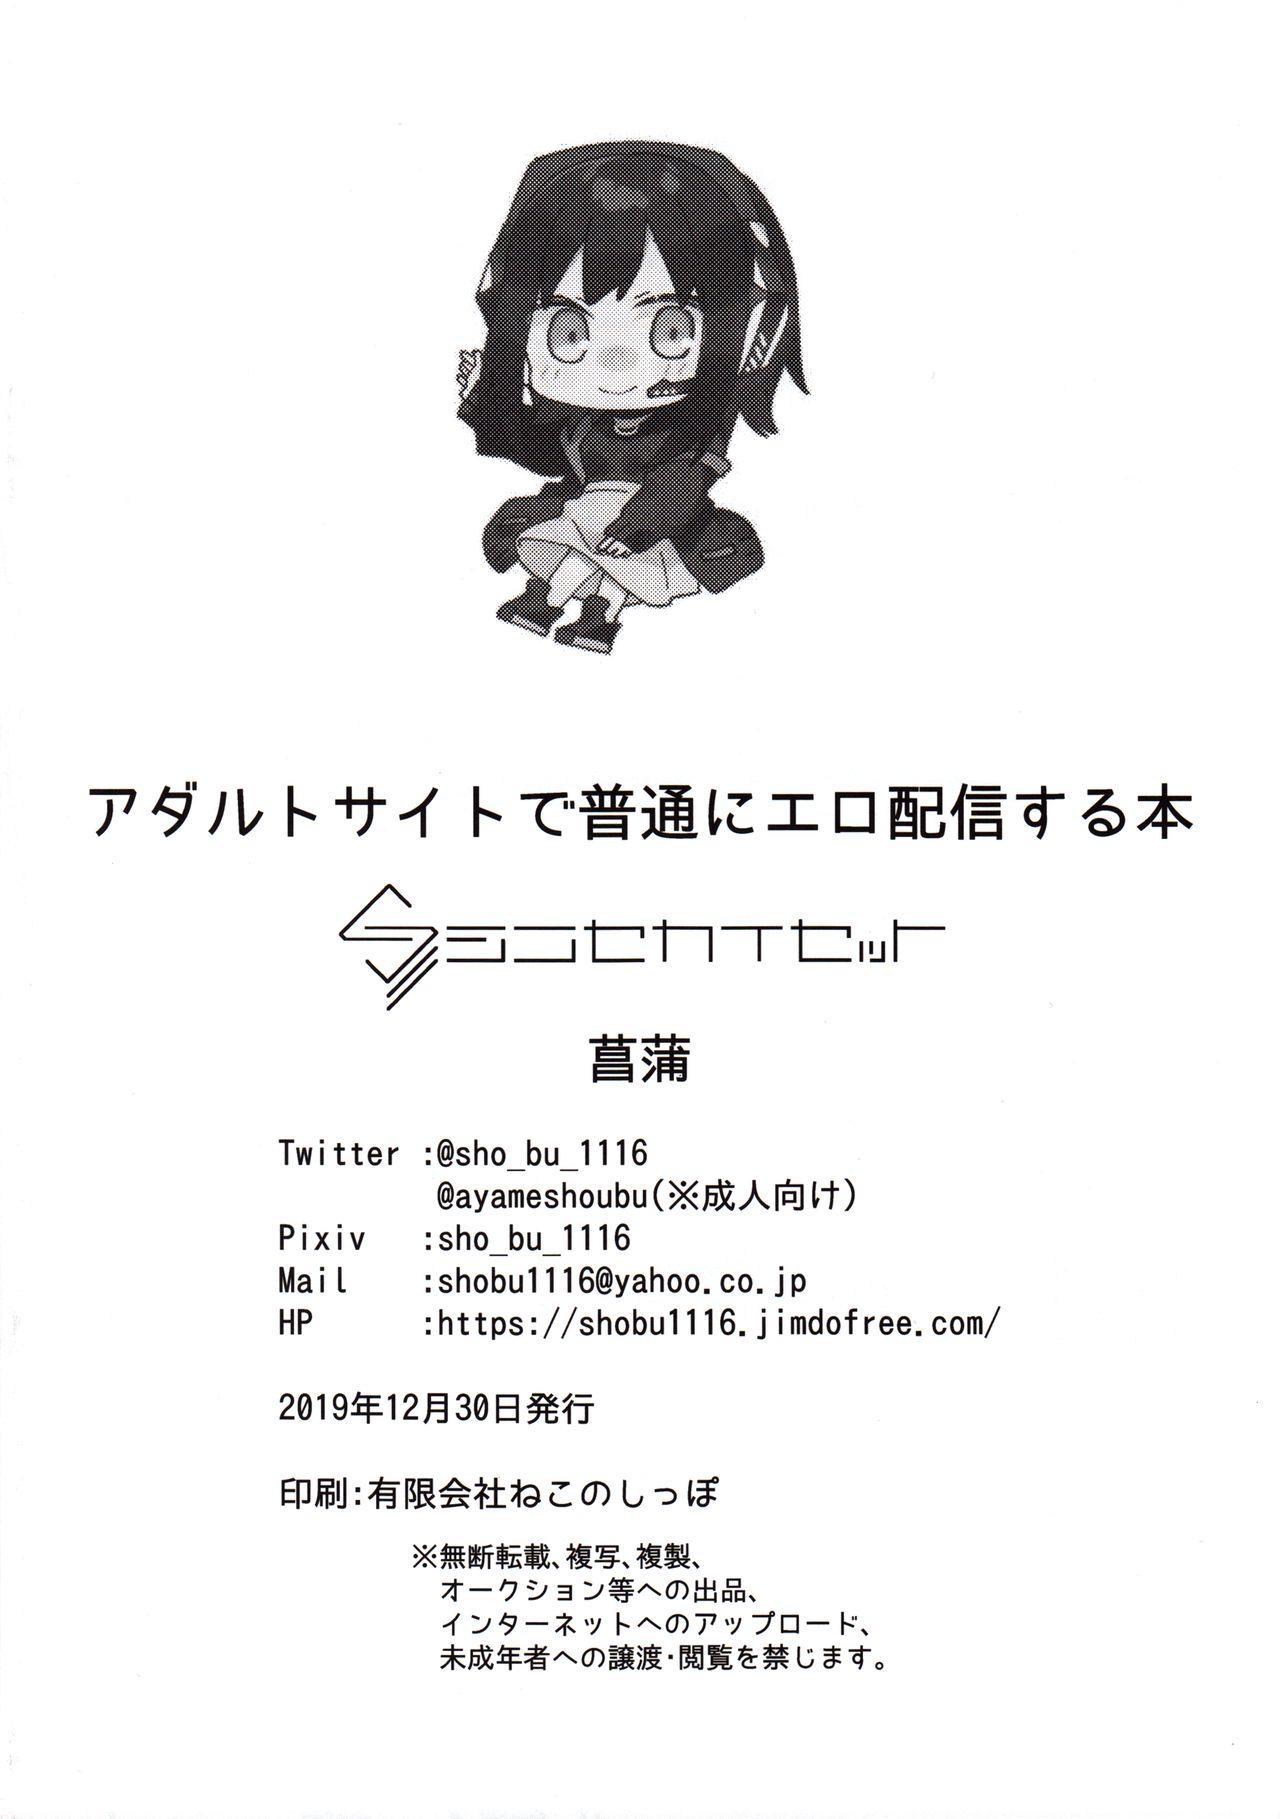 Adult Site de  Futsuu ni Ero Haishin Suru Hon 11